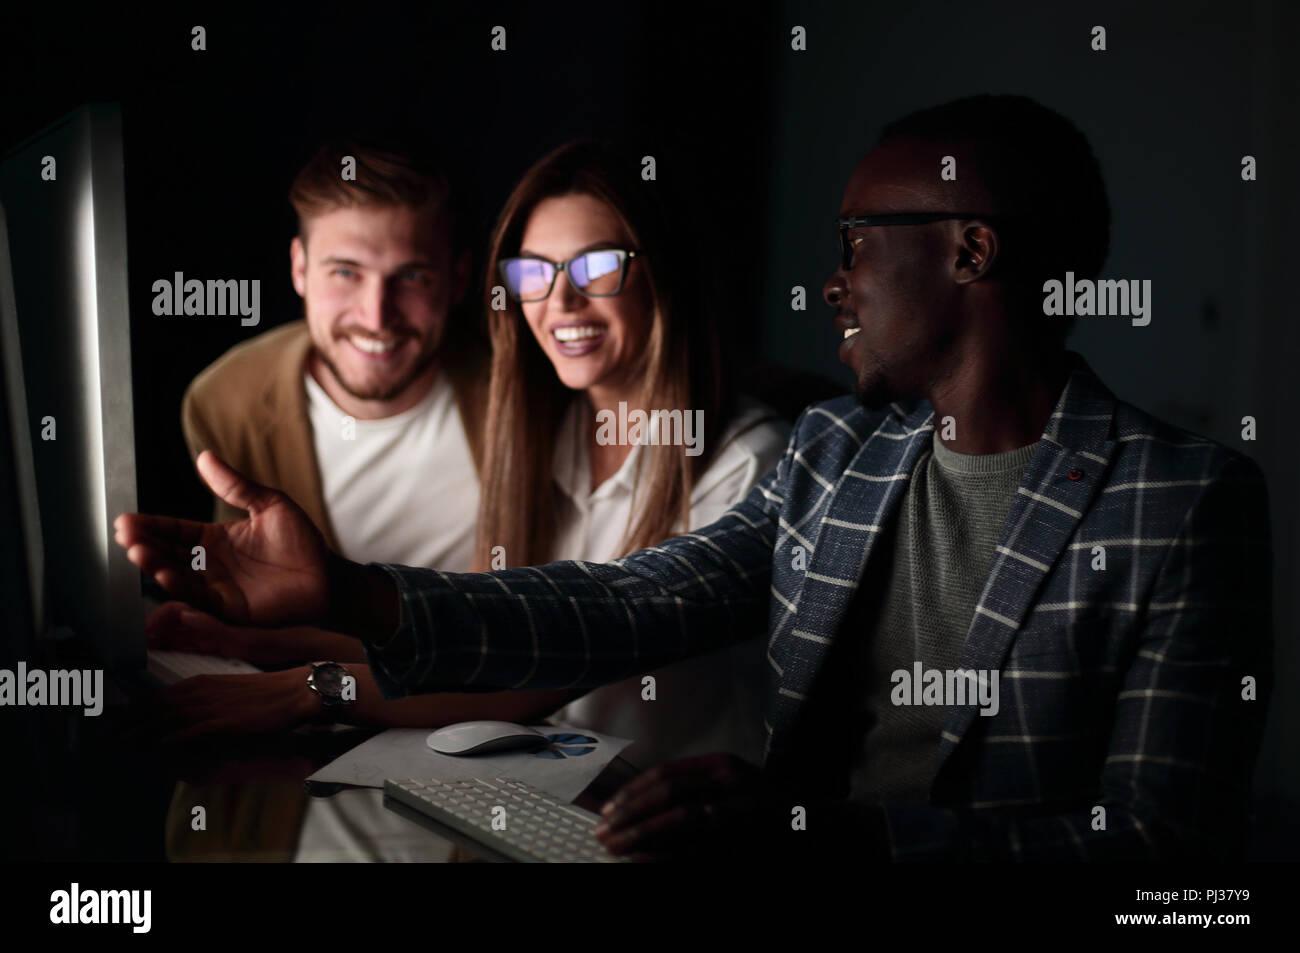 Employés aborder quelque chose assis à la 24 Photo Stock